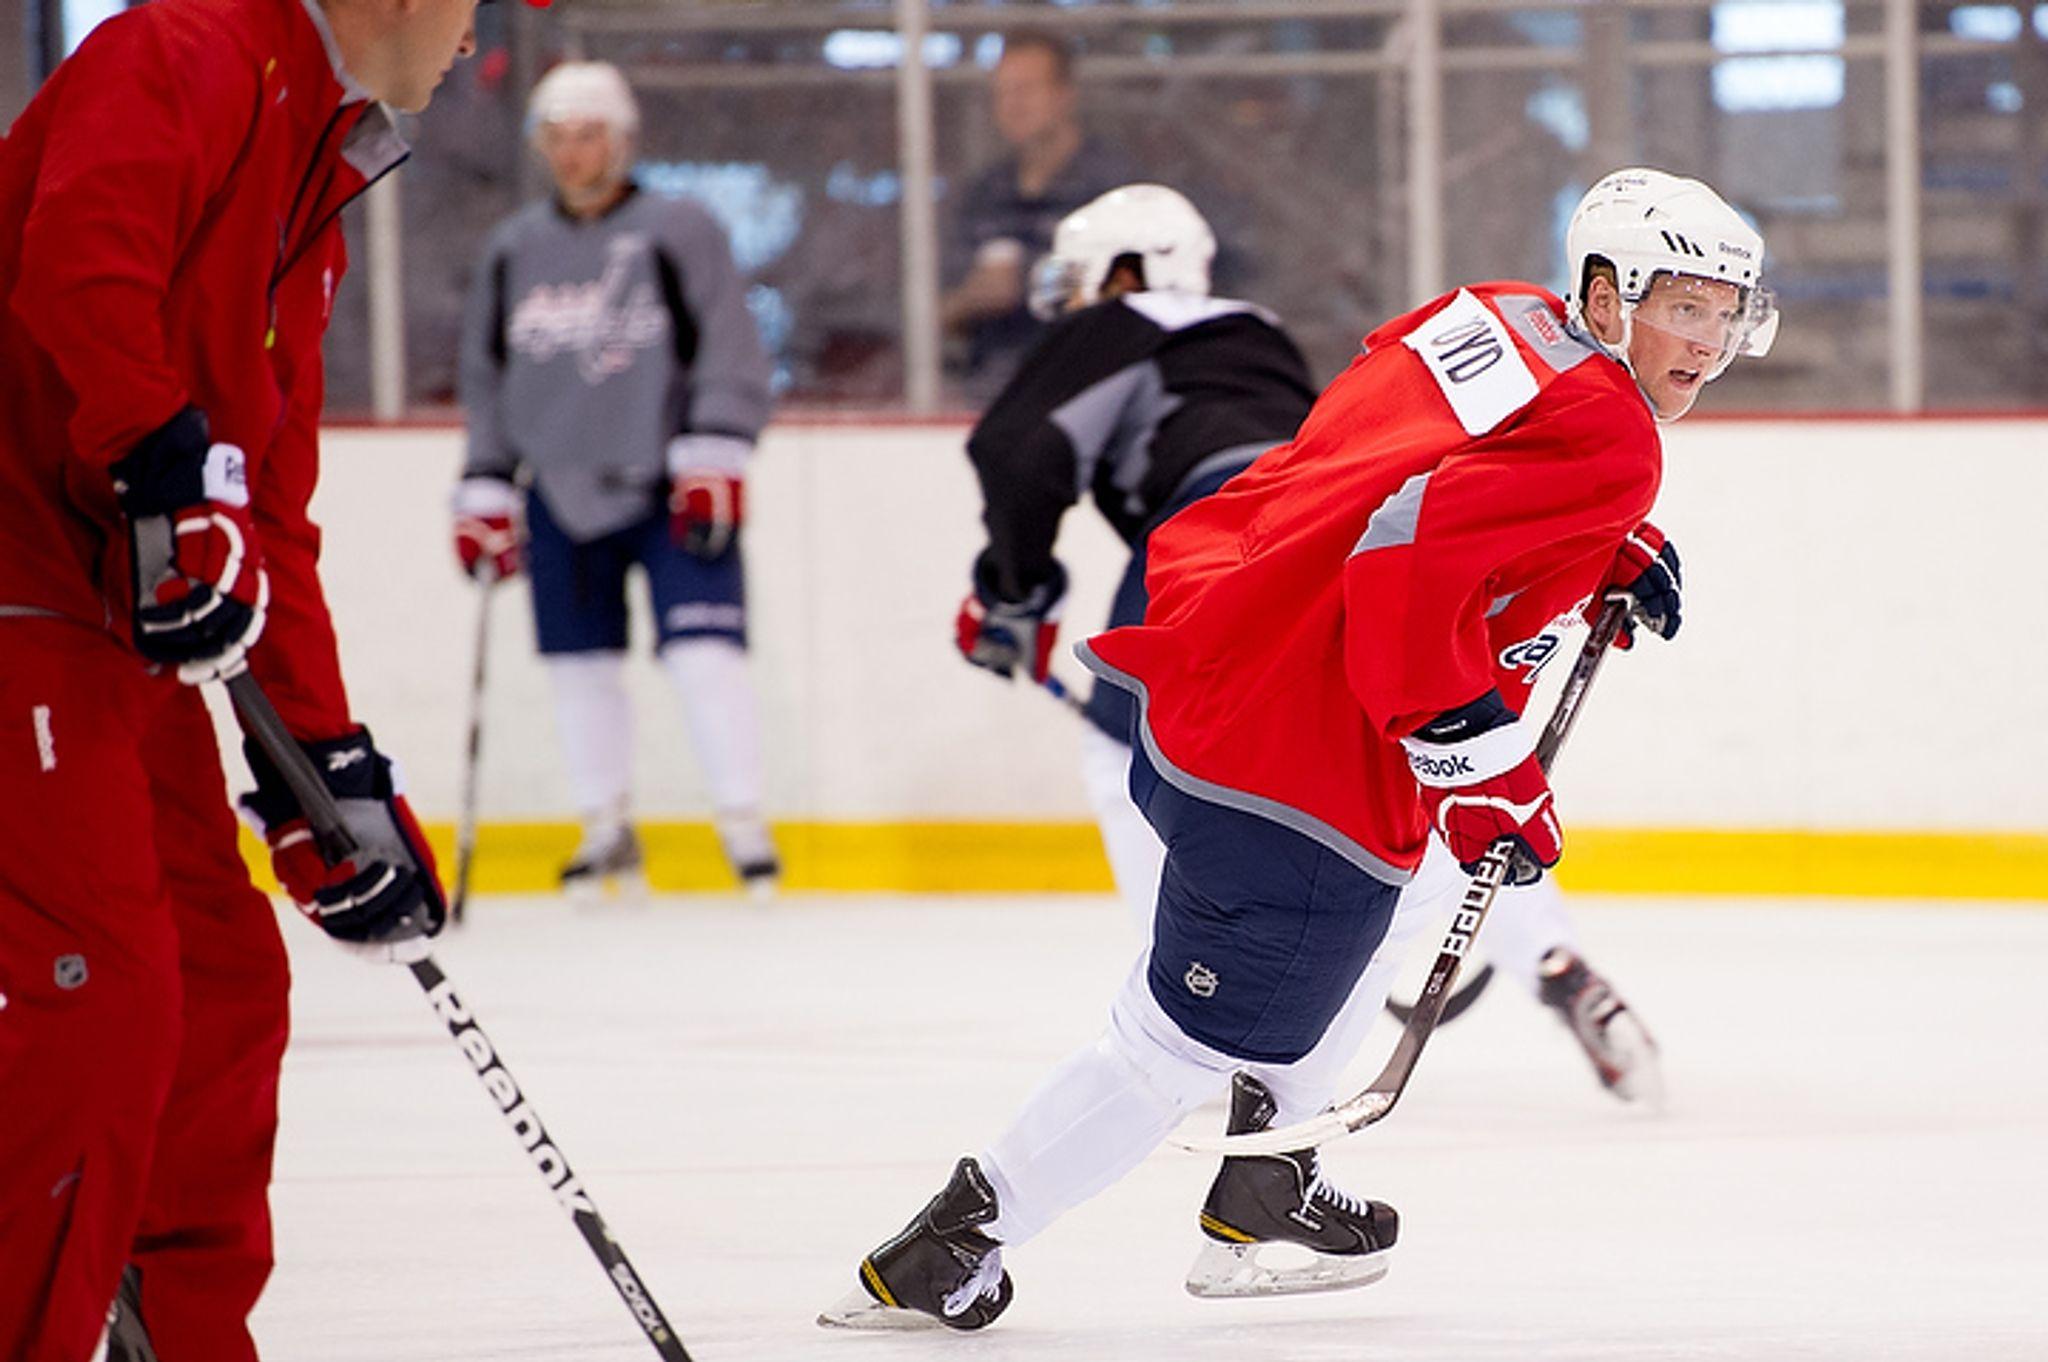 437b681c3cb Capitals recall forward Travis Boyd from AHL - Washington Times